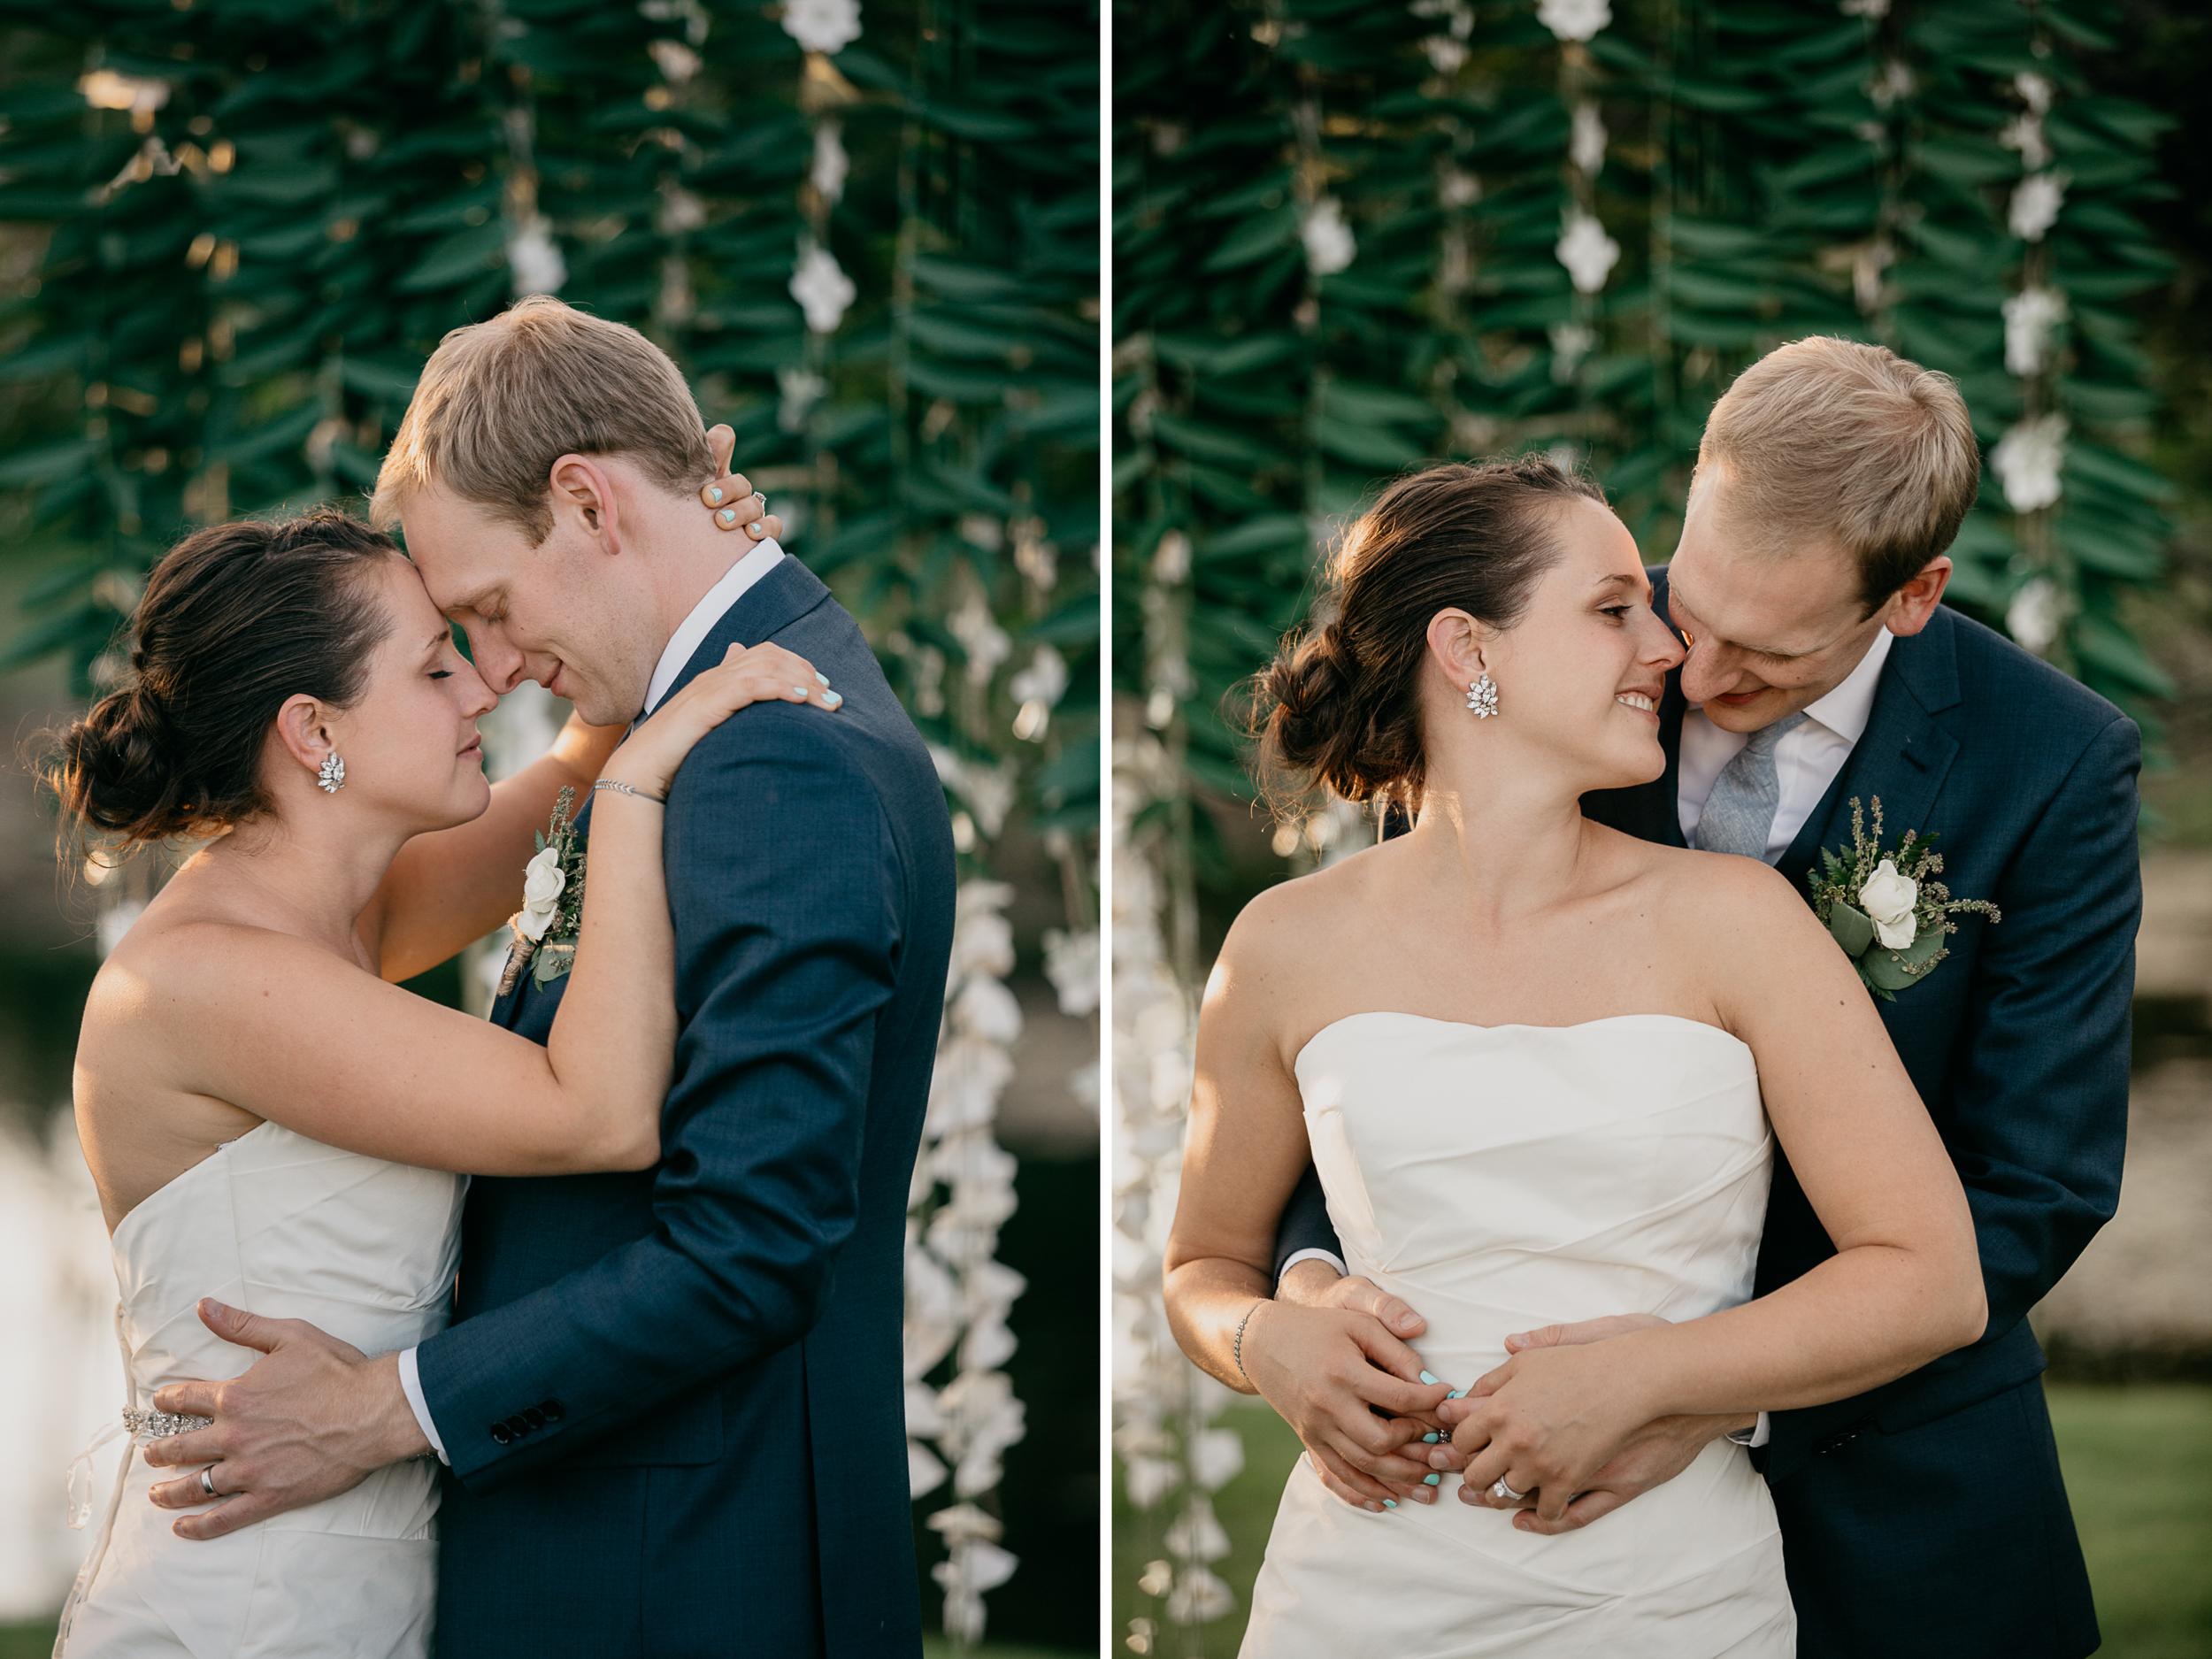 Jessie_Erik_Pownal_Maine_Wedding_William_allen_farm_048.jpg